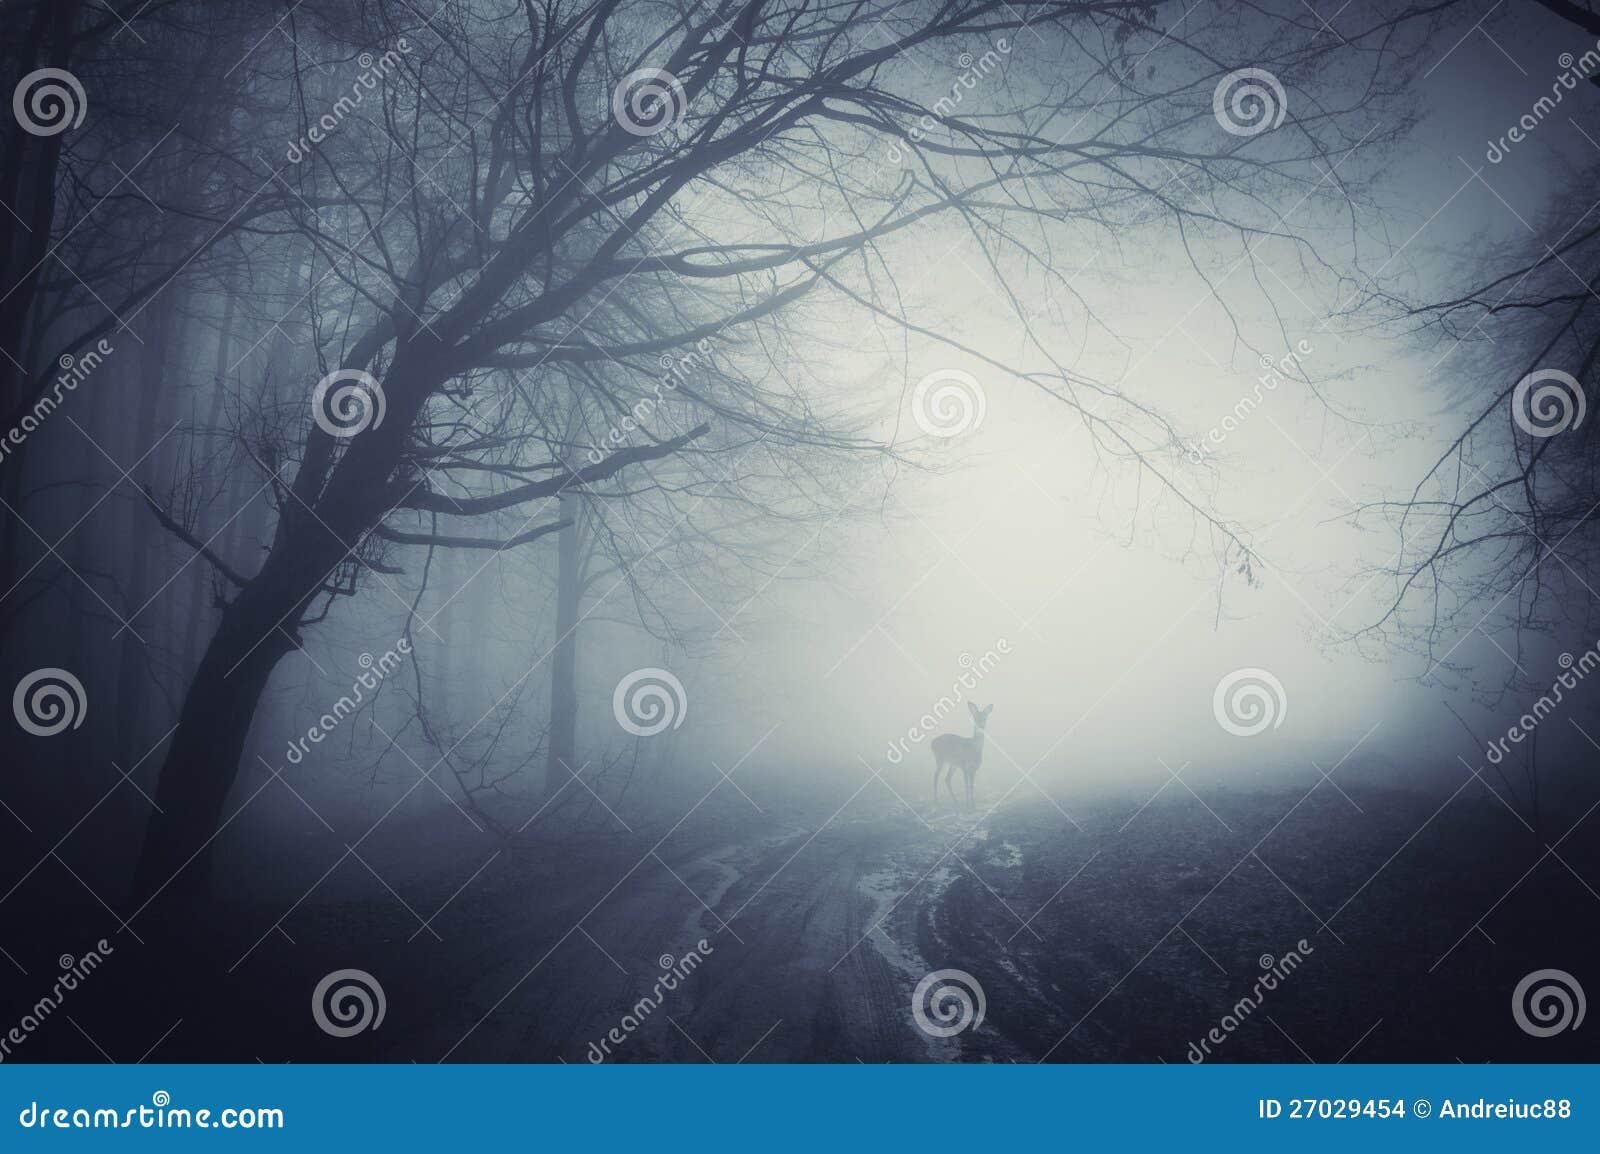 Cervos em uma estrada em uma floresta escura após a chuva